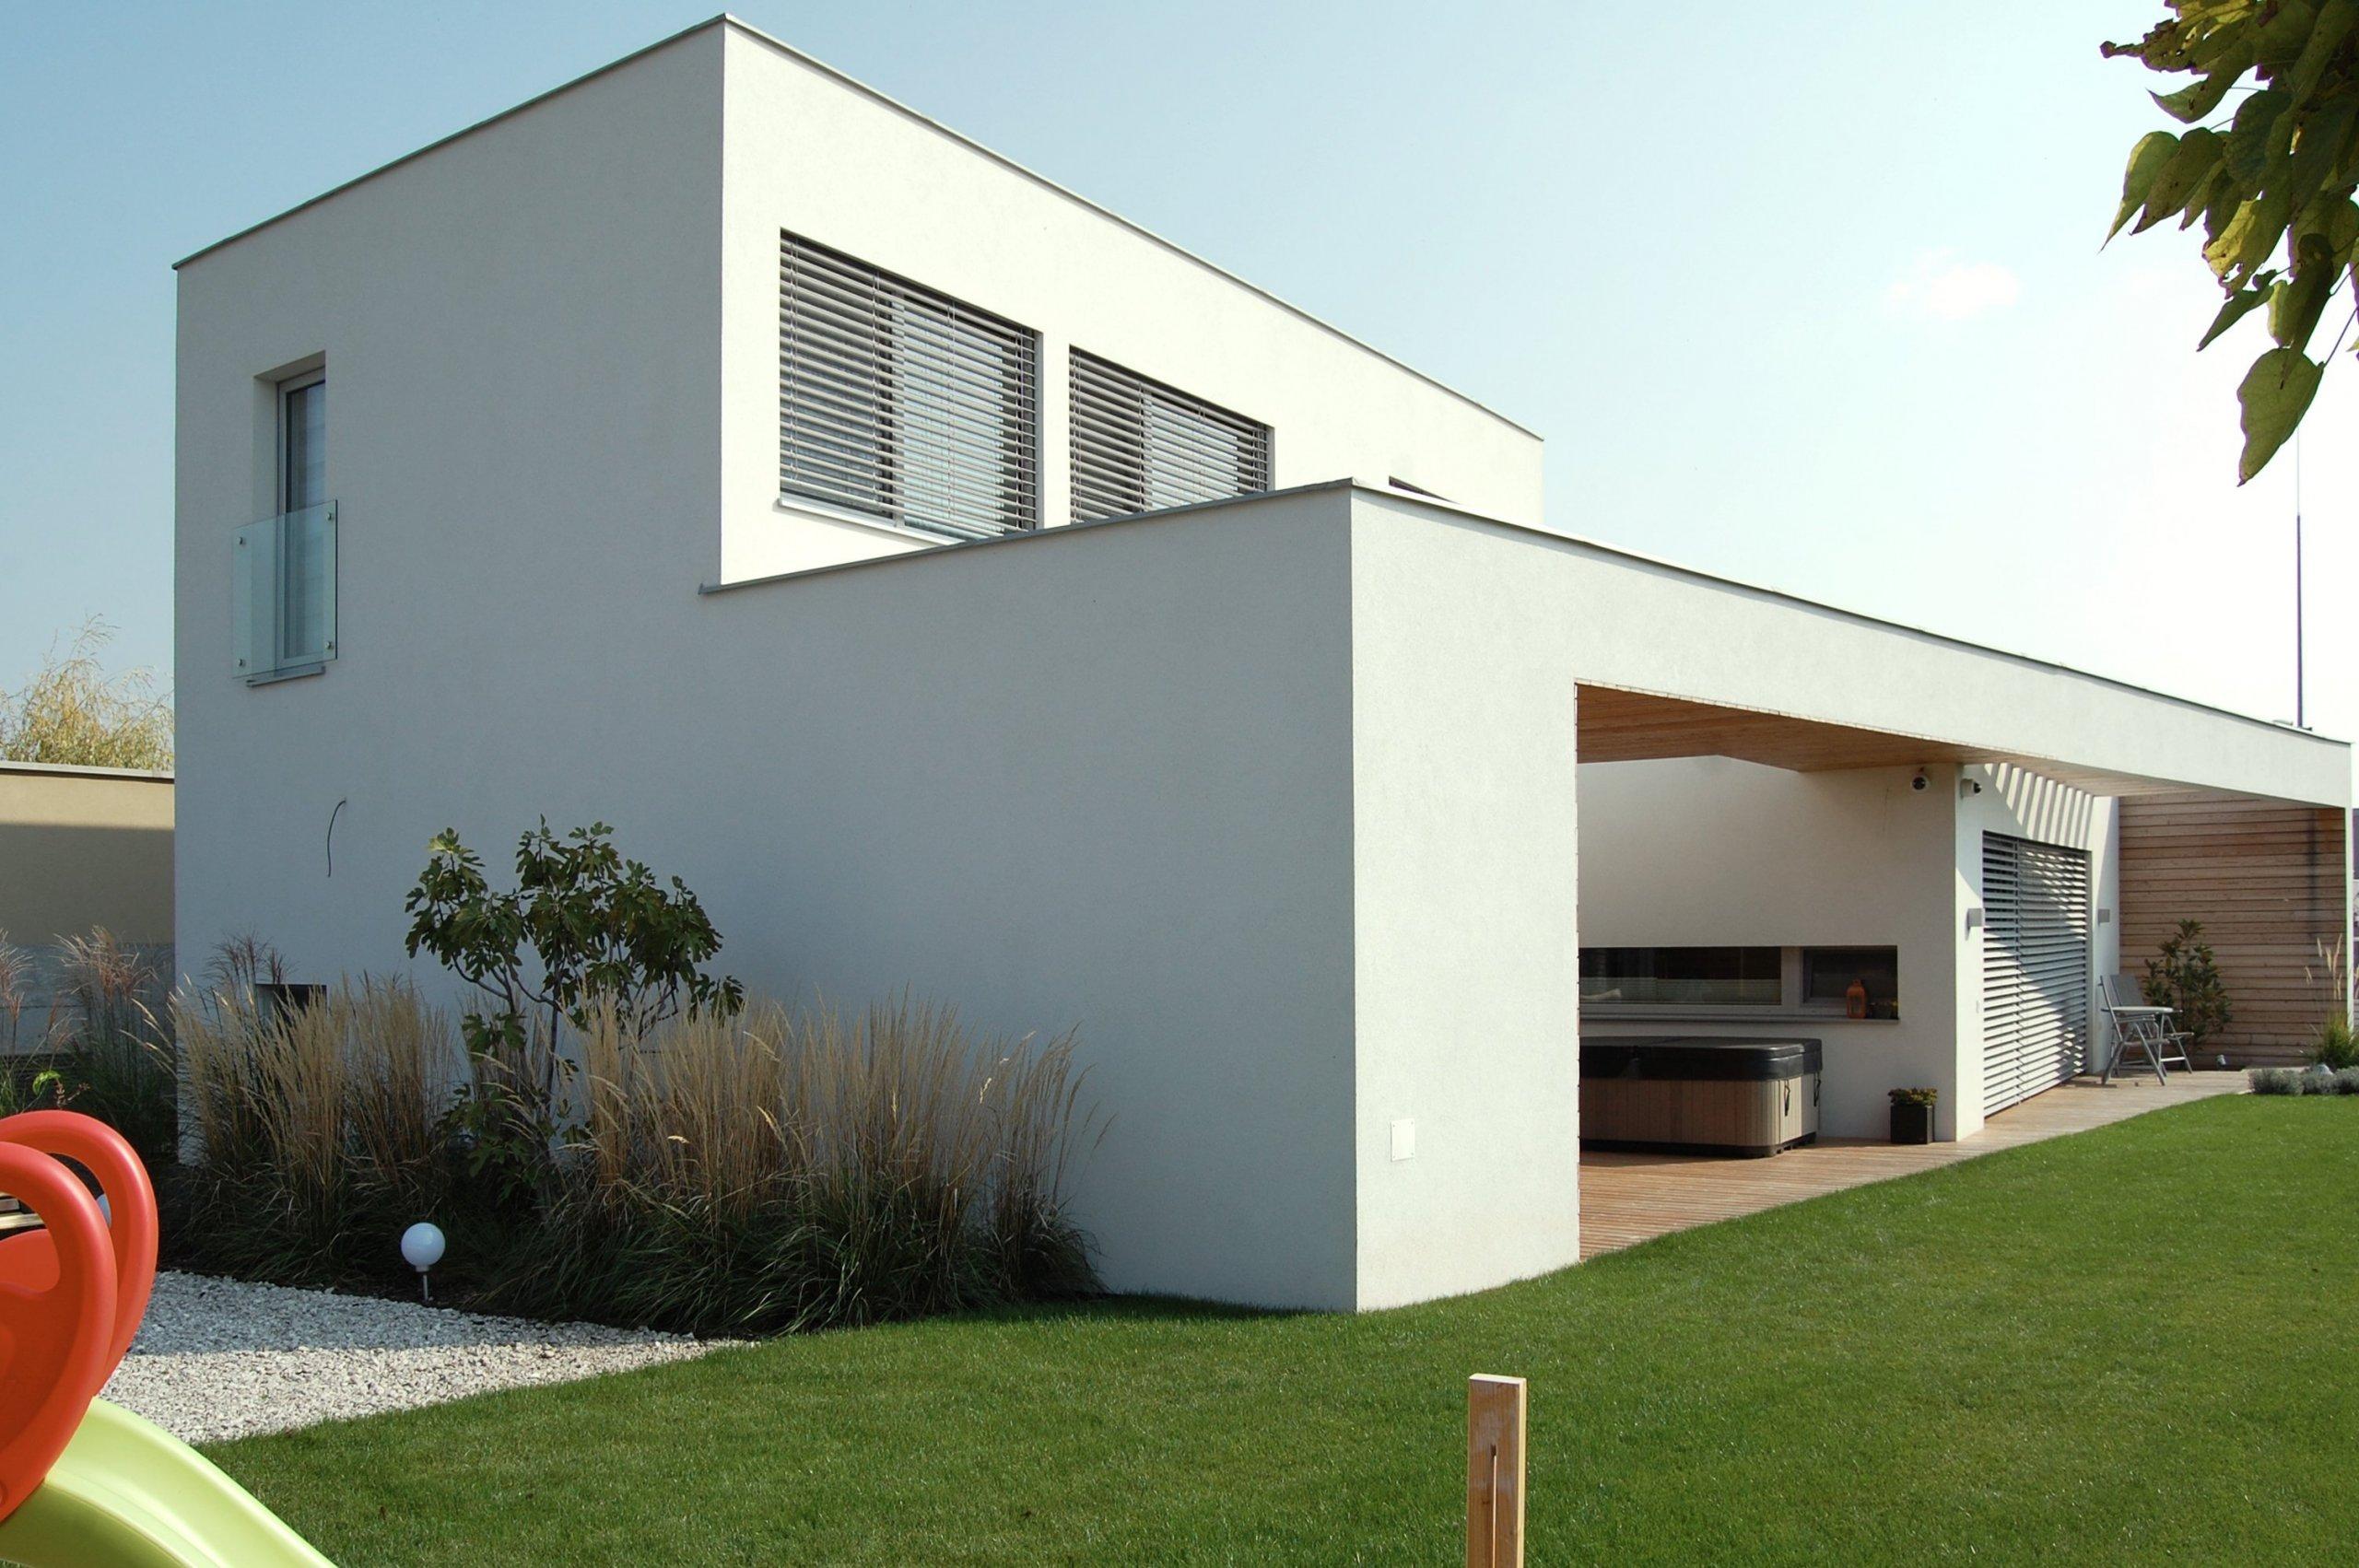 Rodinný dom je umiestnený v novovzniknutej a však už stabilizovanej štruktúre vblízkosti hlavného mesta. Cieľom bolo vytvorenie domu, ktorý spája súčasnú…